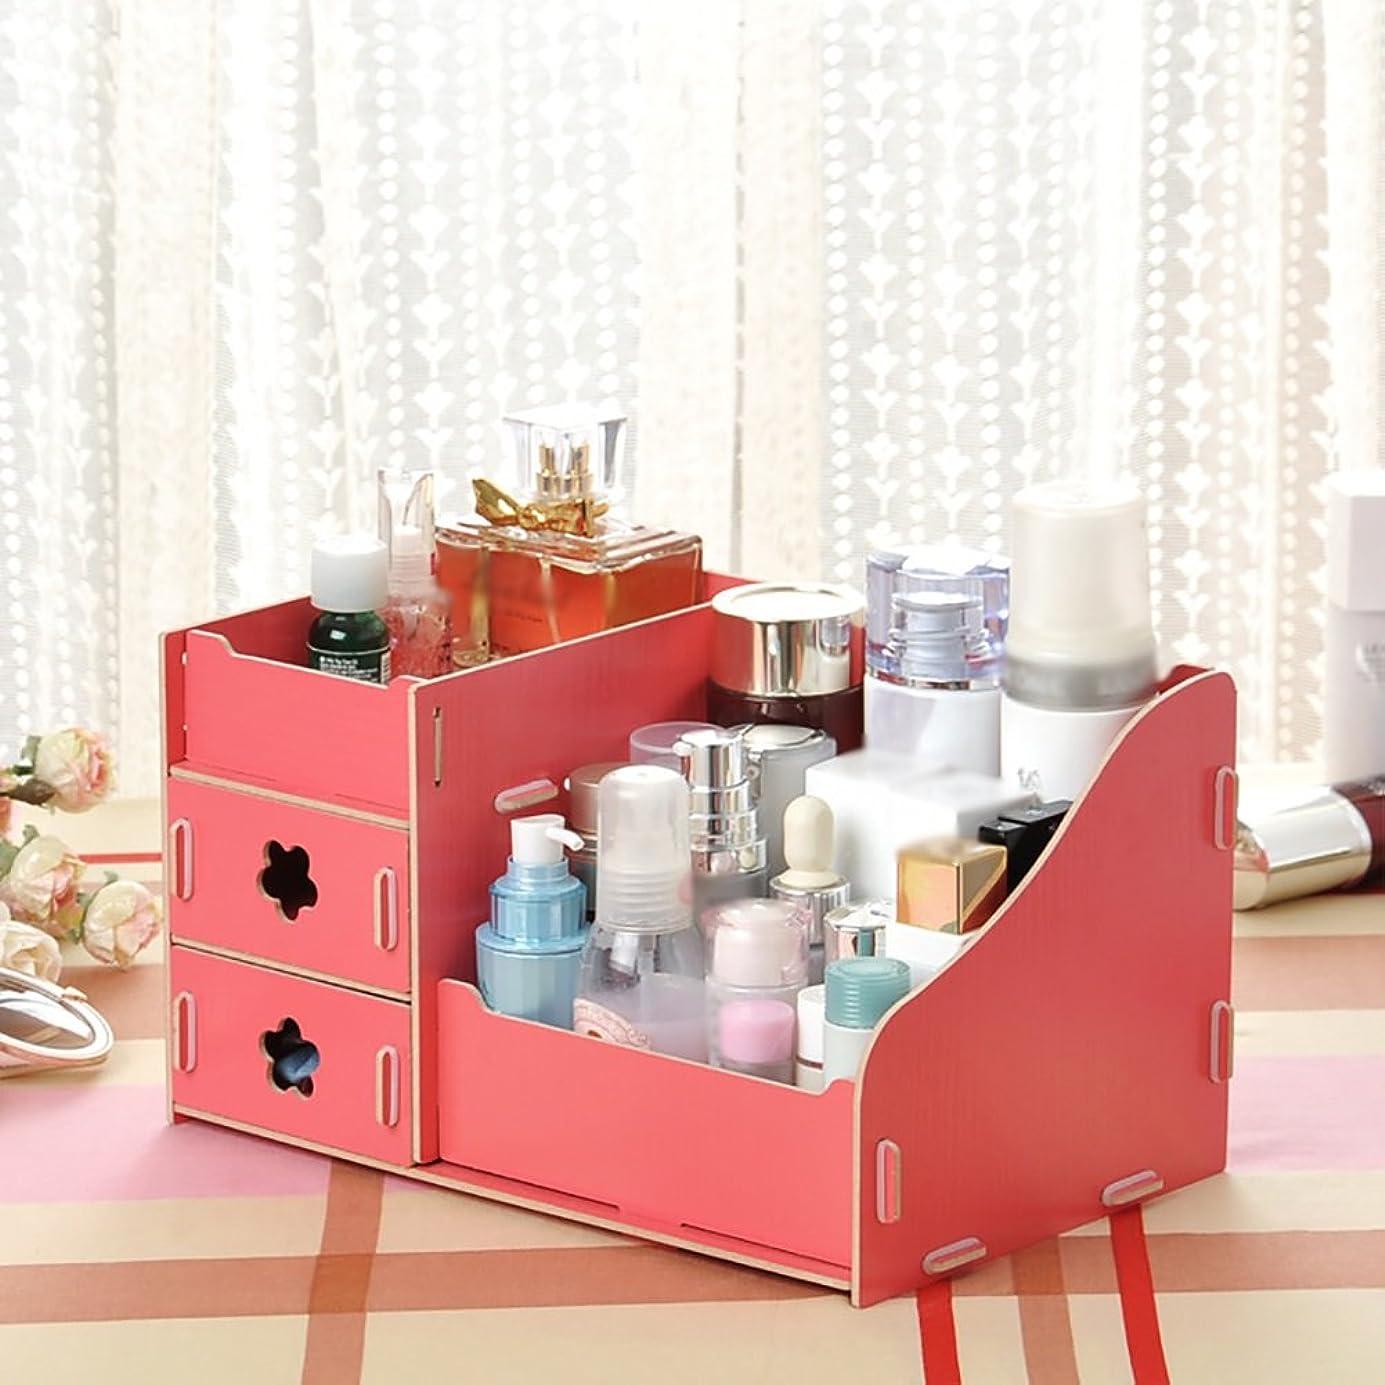 告発置き場間違いなくメイクボックス DIYテーブル収納メイクスキンケアオーガナイザー引き出しタイプリップスティックケースボックス ( 色 : 赤 )